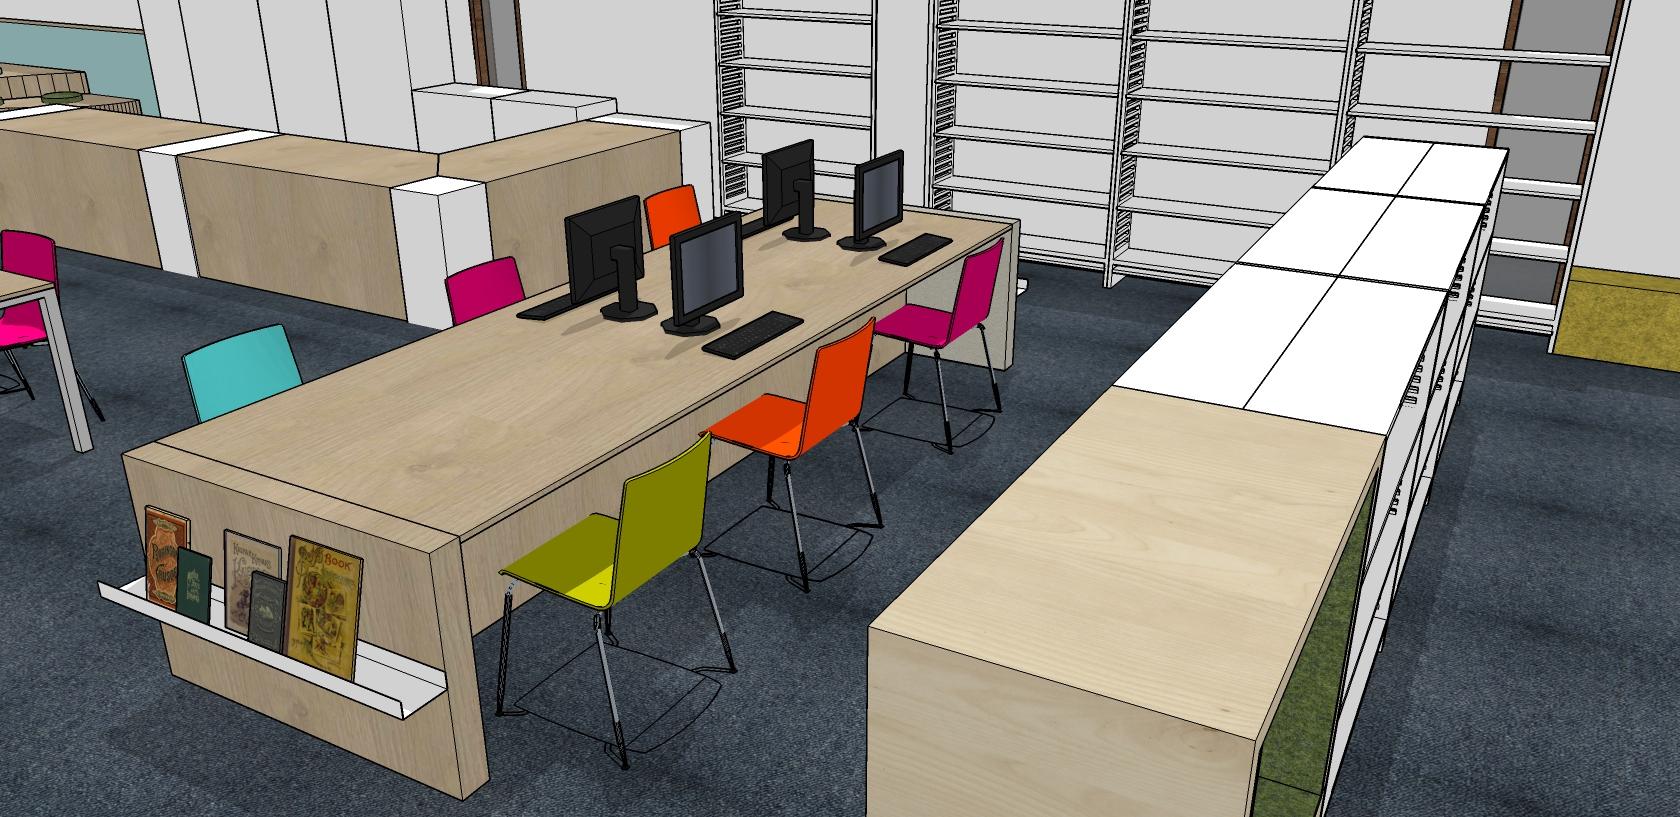 kinderbibliotheek maatwerk computerlokaal Heering Office Den Haag